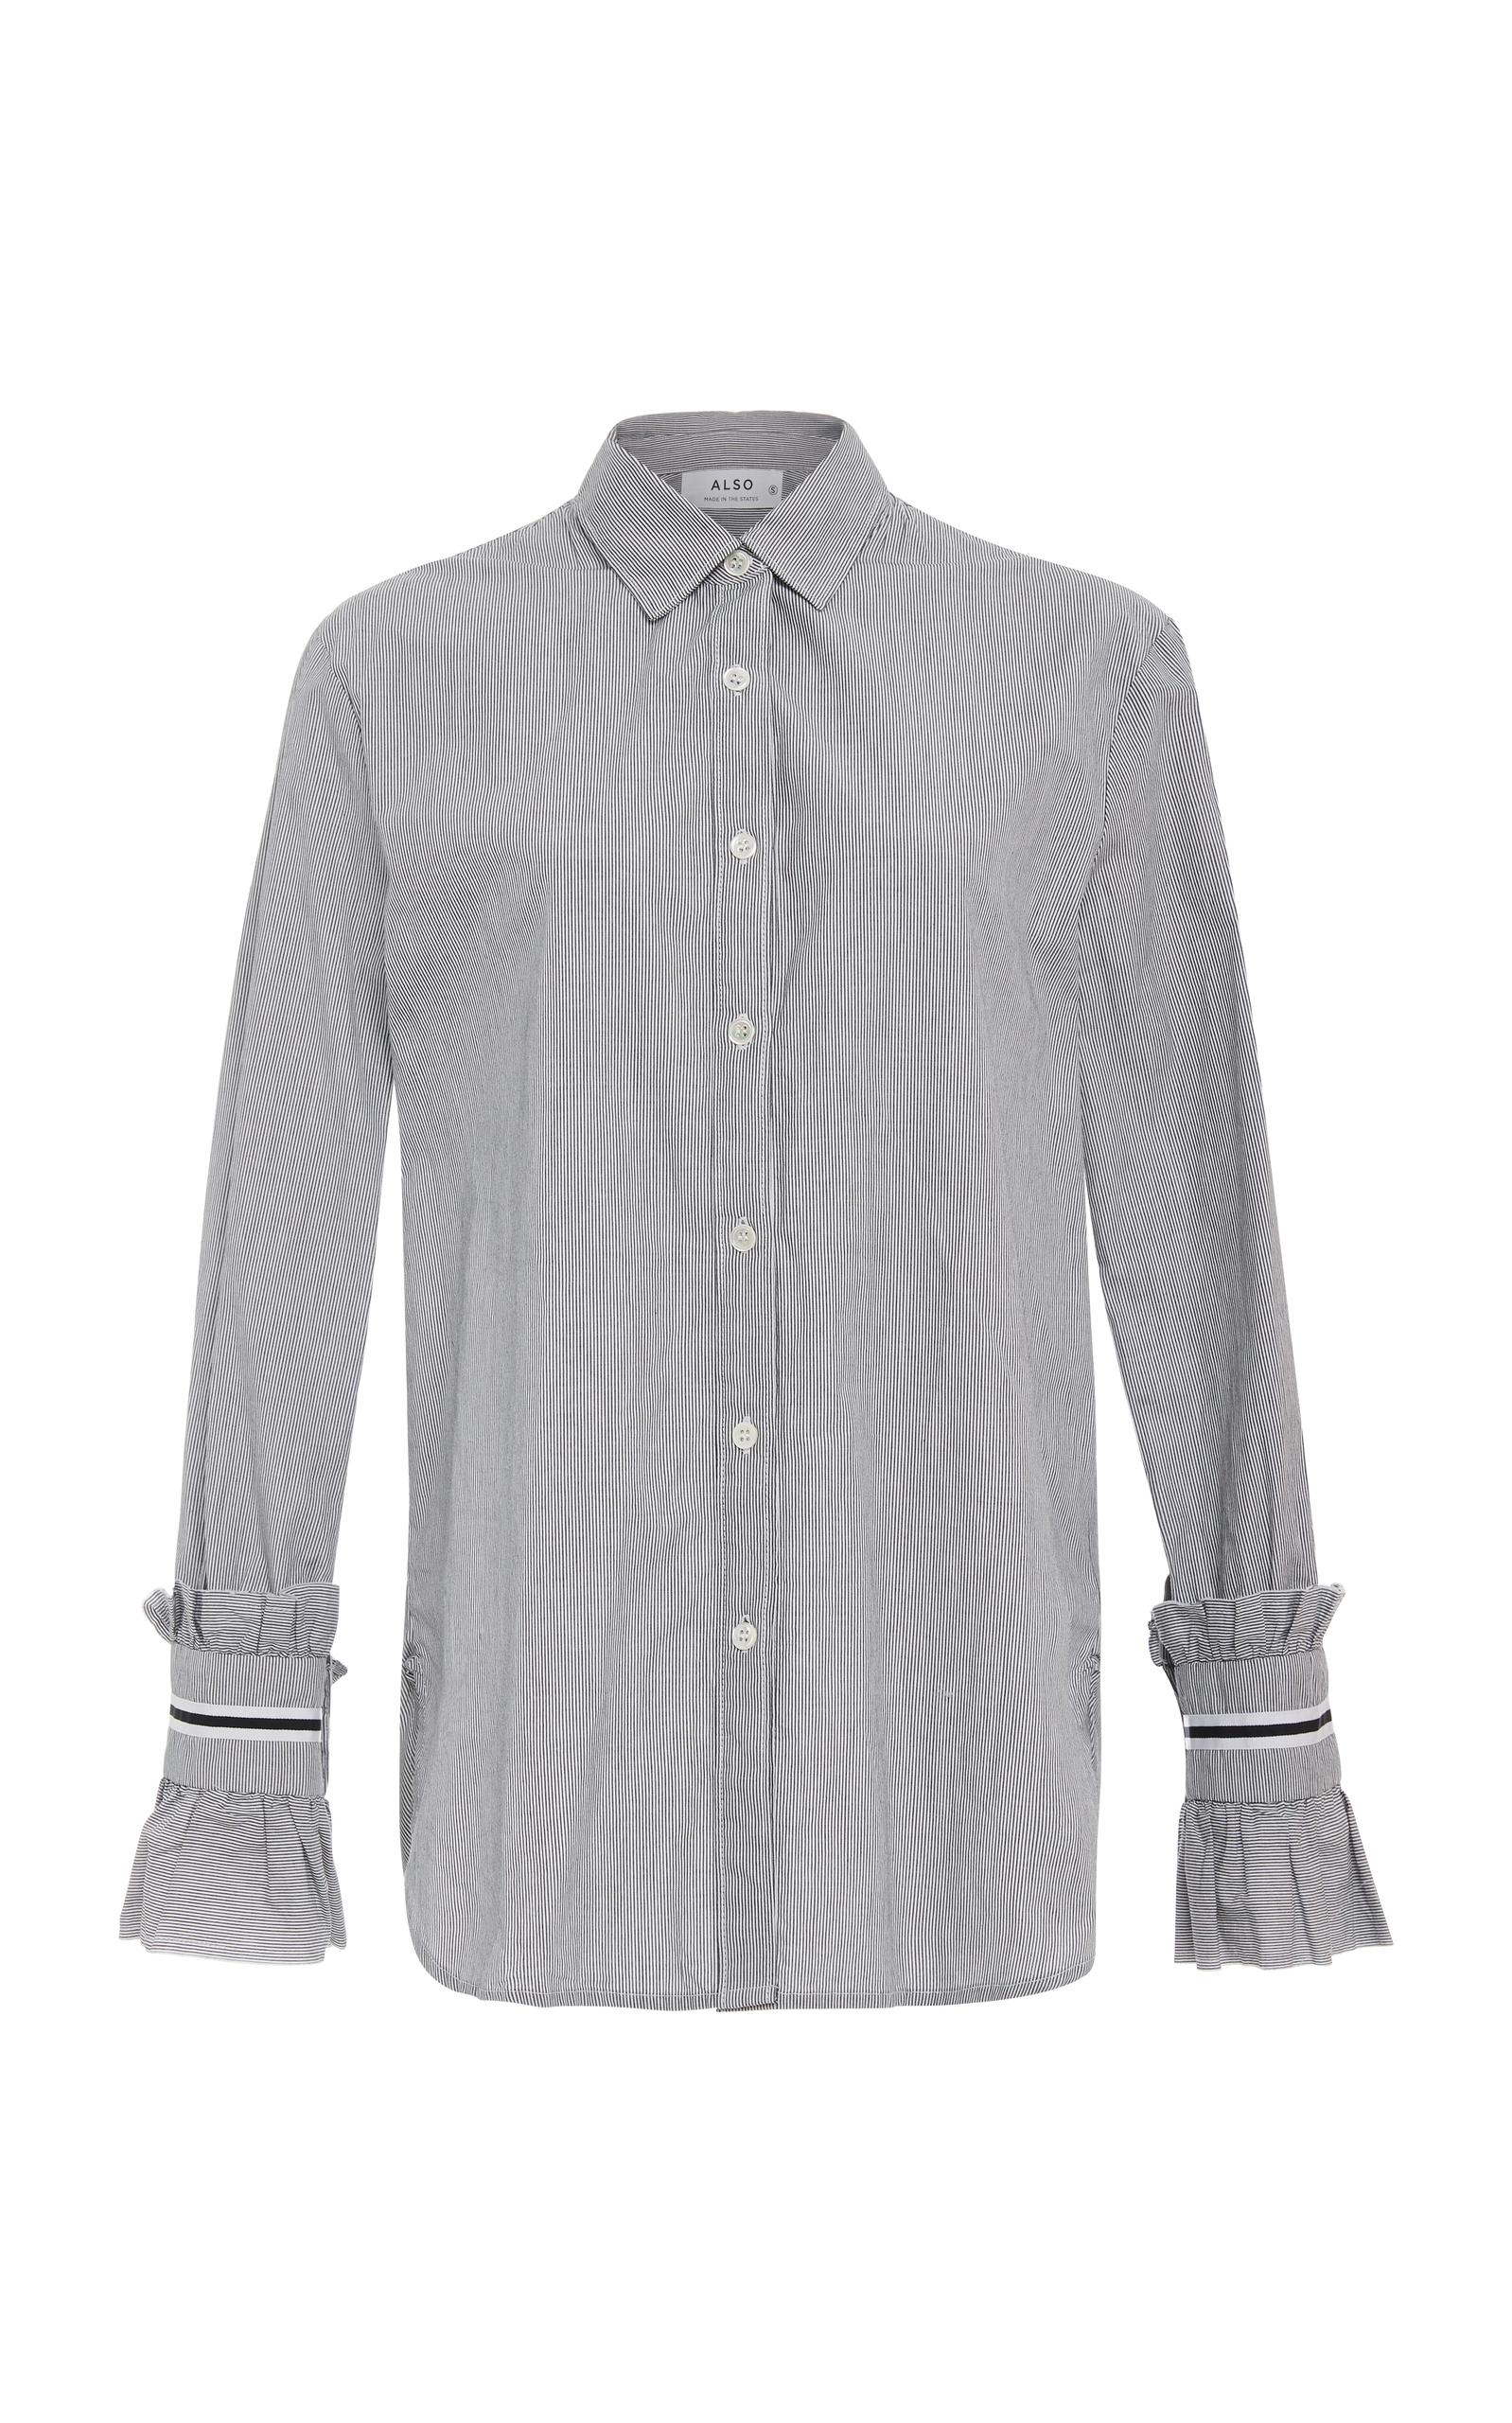 ALSO Margaux Shirt in Black